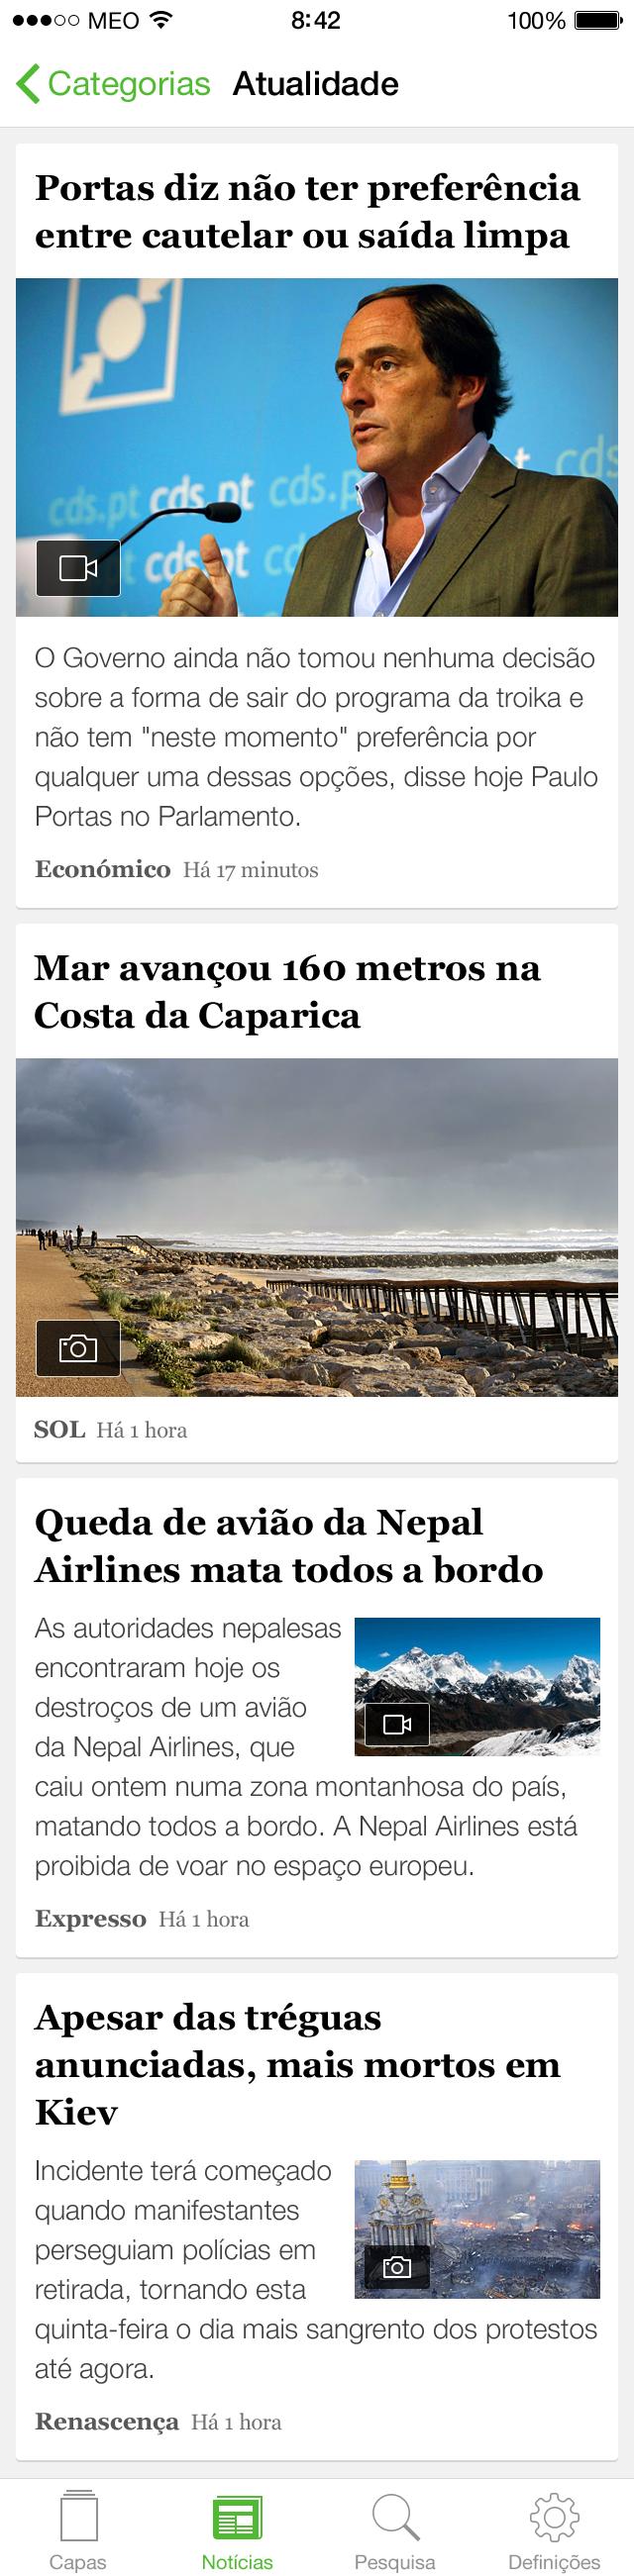 News list 2